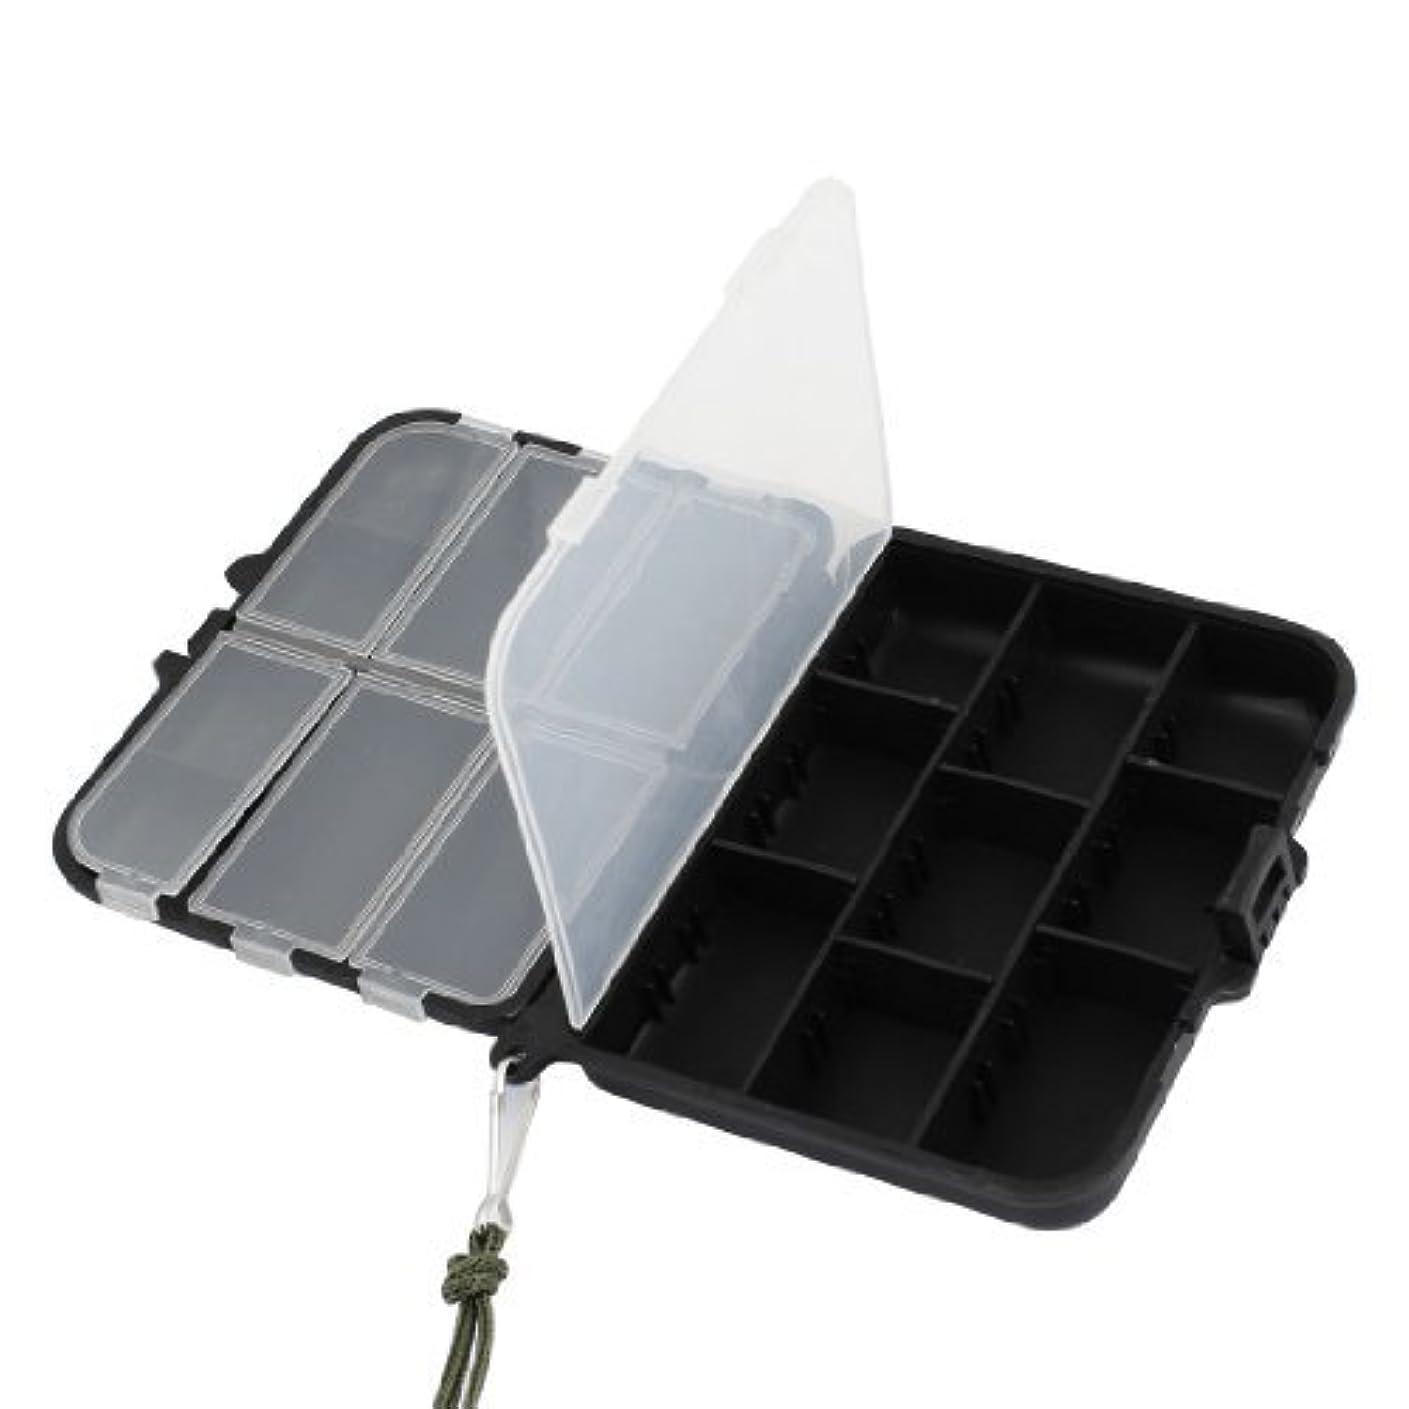 半球知覚的無知ブラック11スロット取り外し可能な釣りのフックベイトルアーボックスケースコンテナ